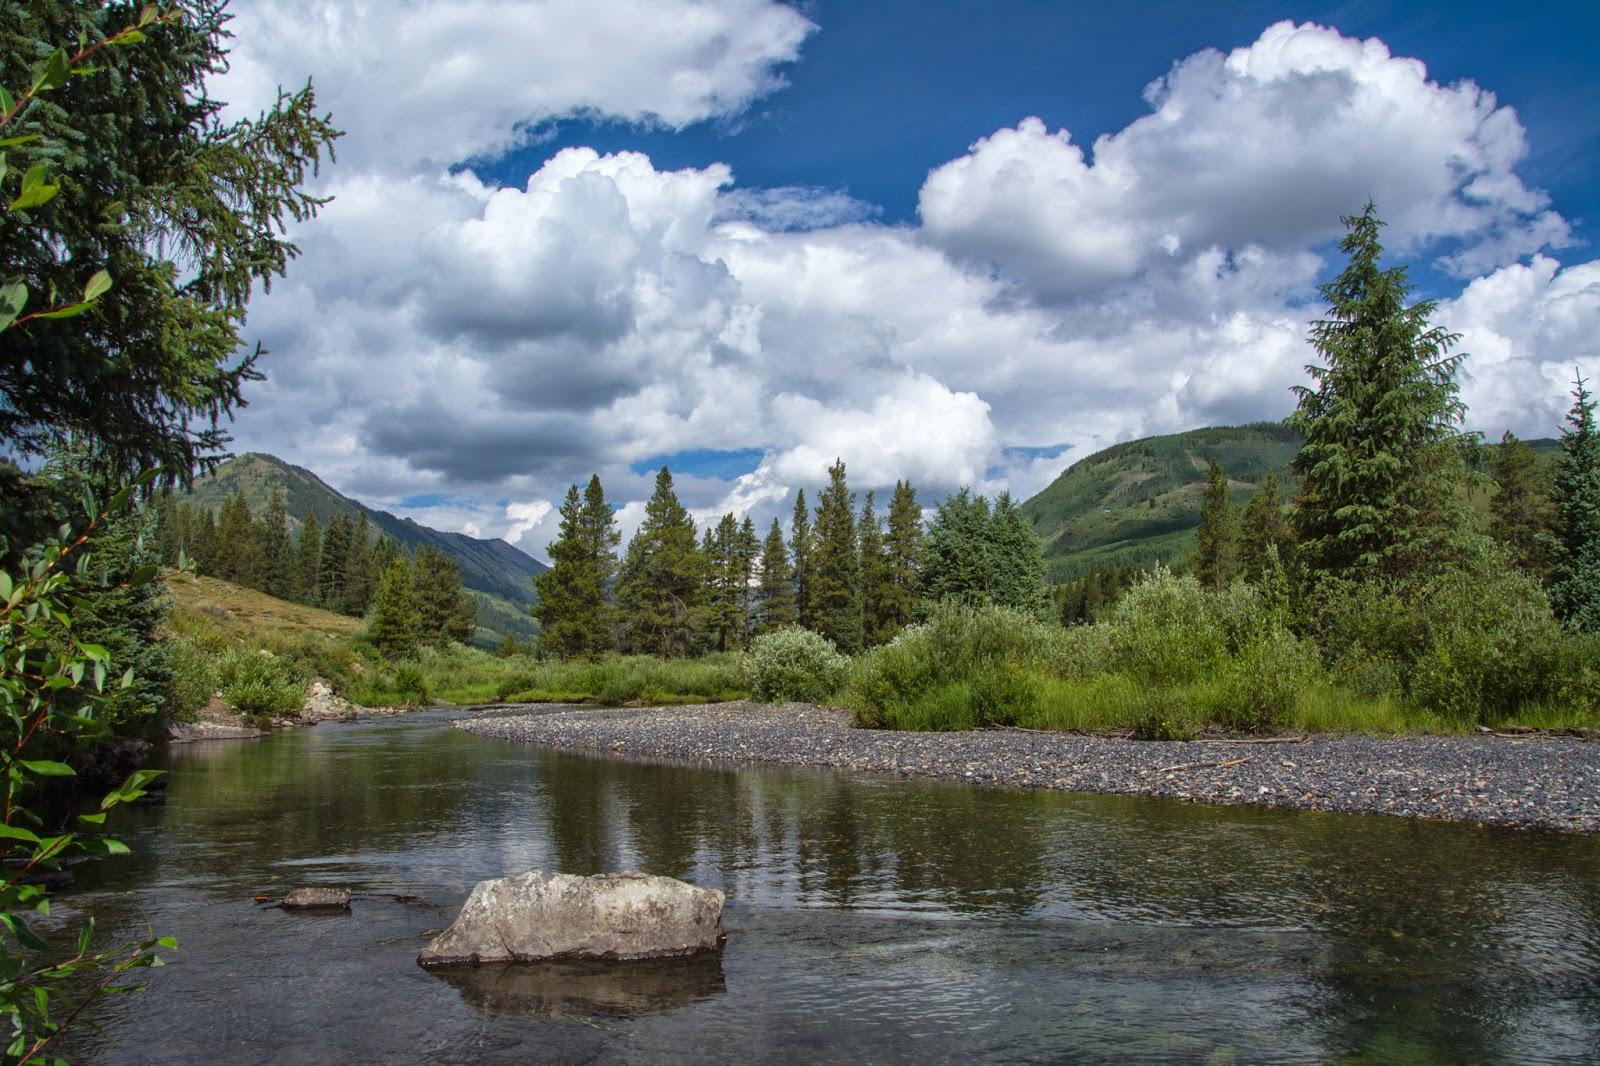 Slate River, Lower Loop Trail